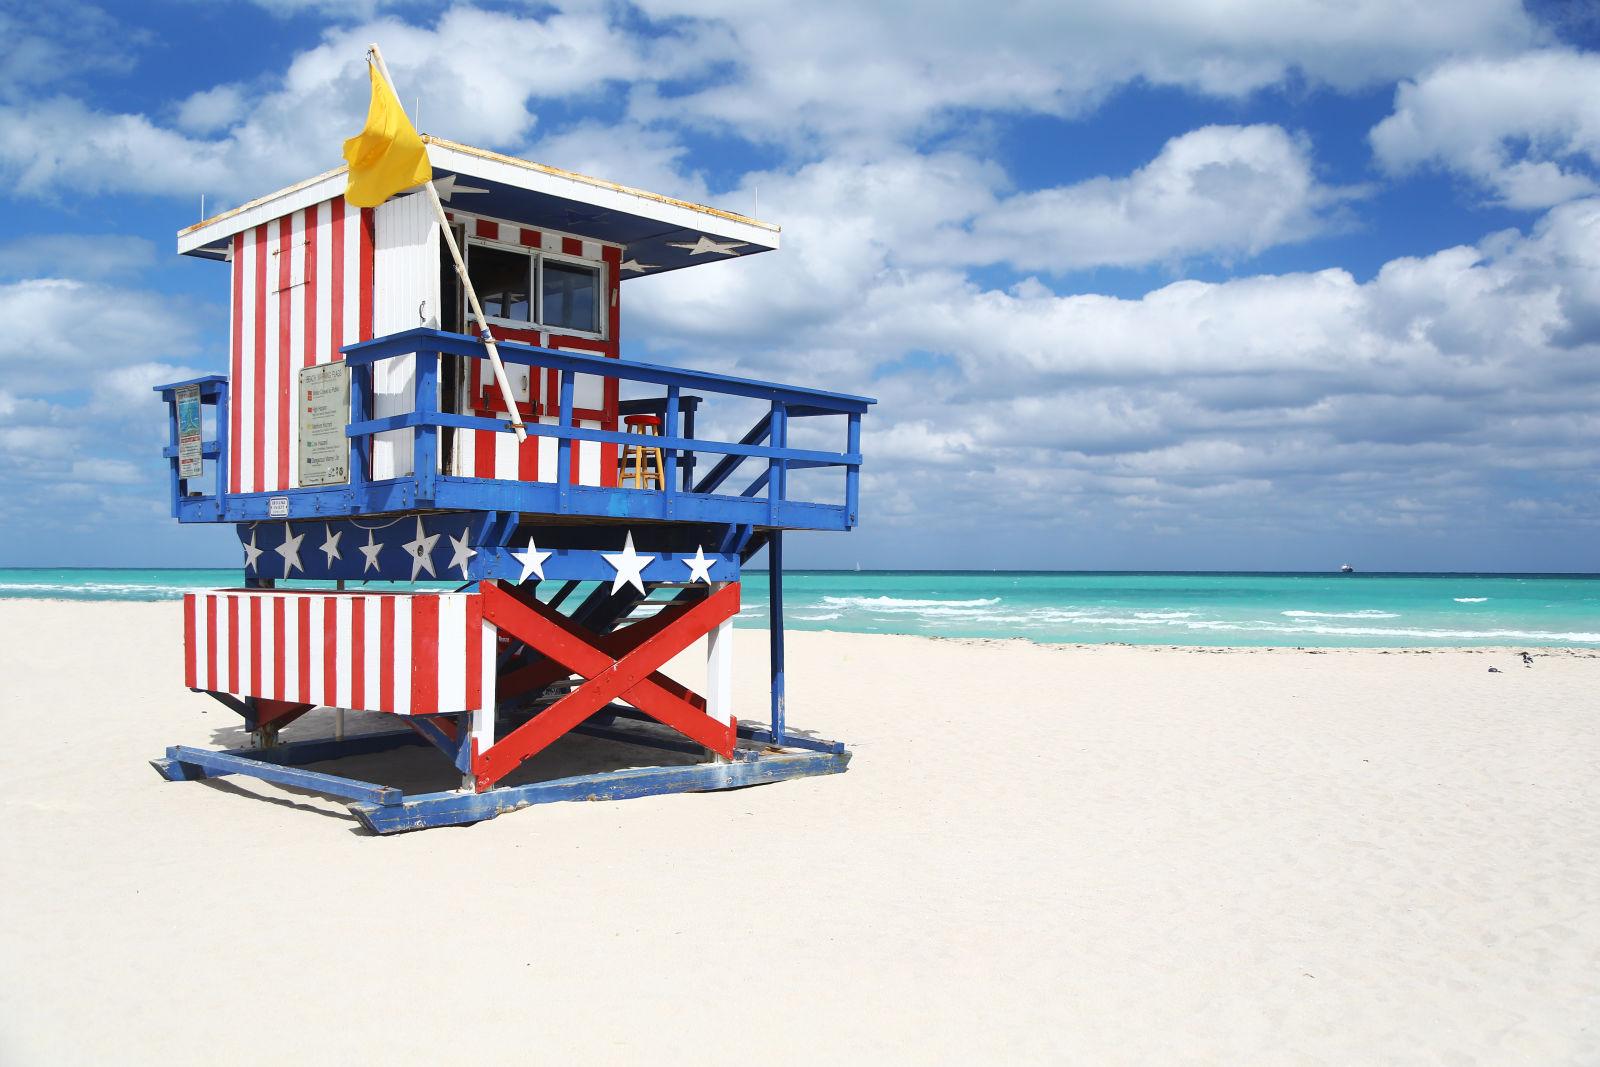 Rettungsschwimmerhütte bemalt mit den Farben der amerikanischen Flagge in Miami Beach, Miami, USA